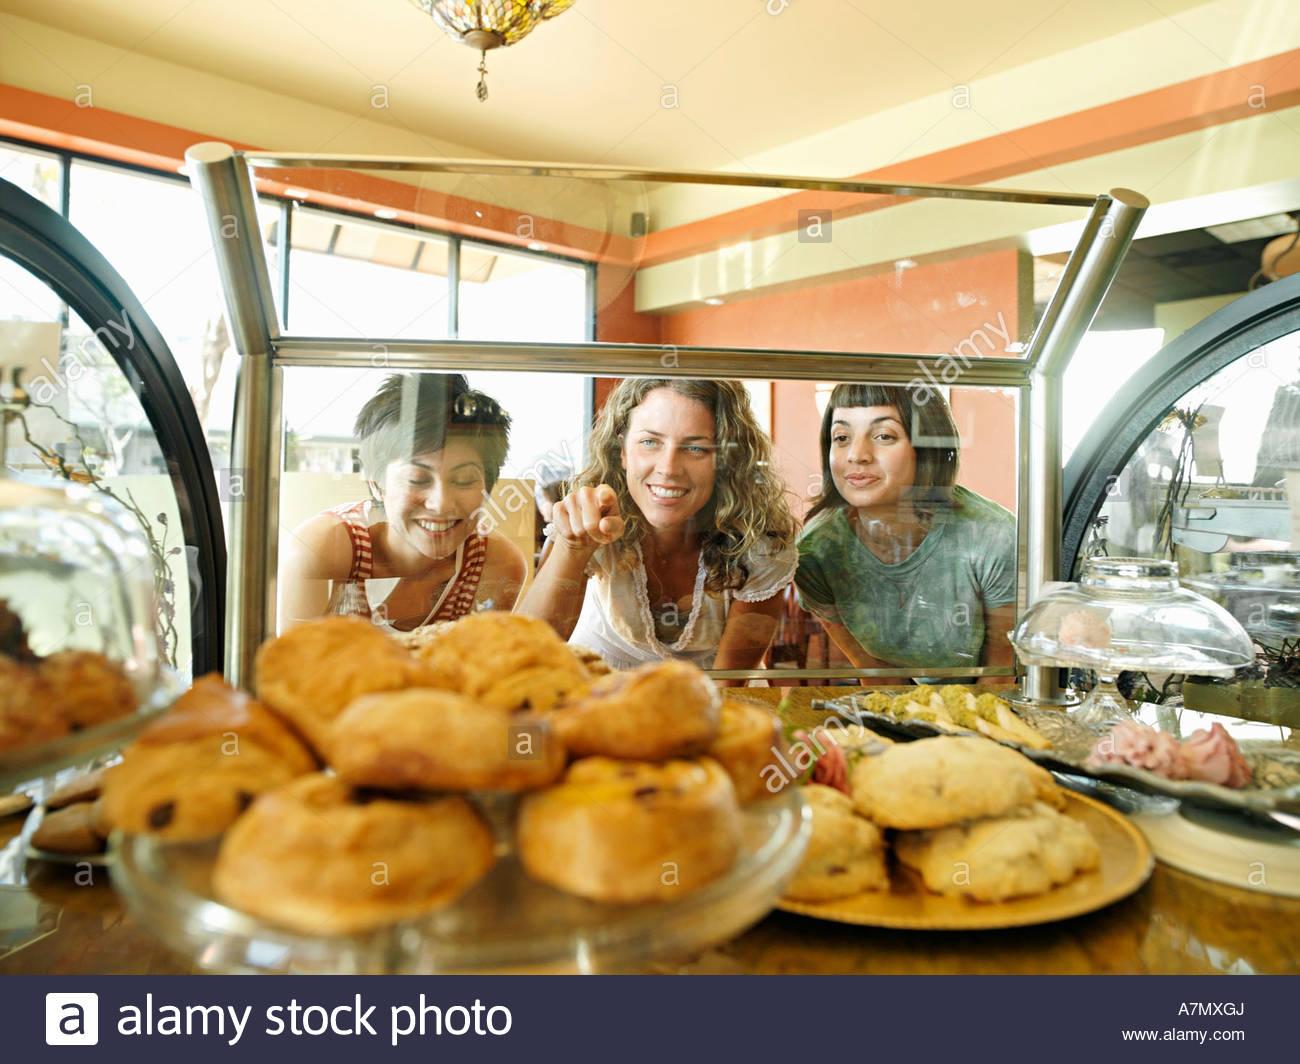 Tres jóvenes mujeres mirando a pasteles en la pantalla en el café una mujer señalando ver a través Imagen De Stock